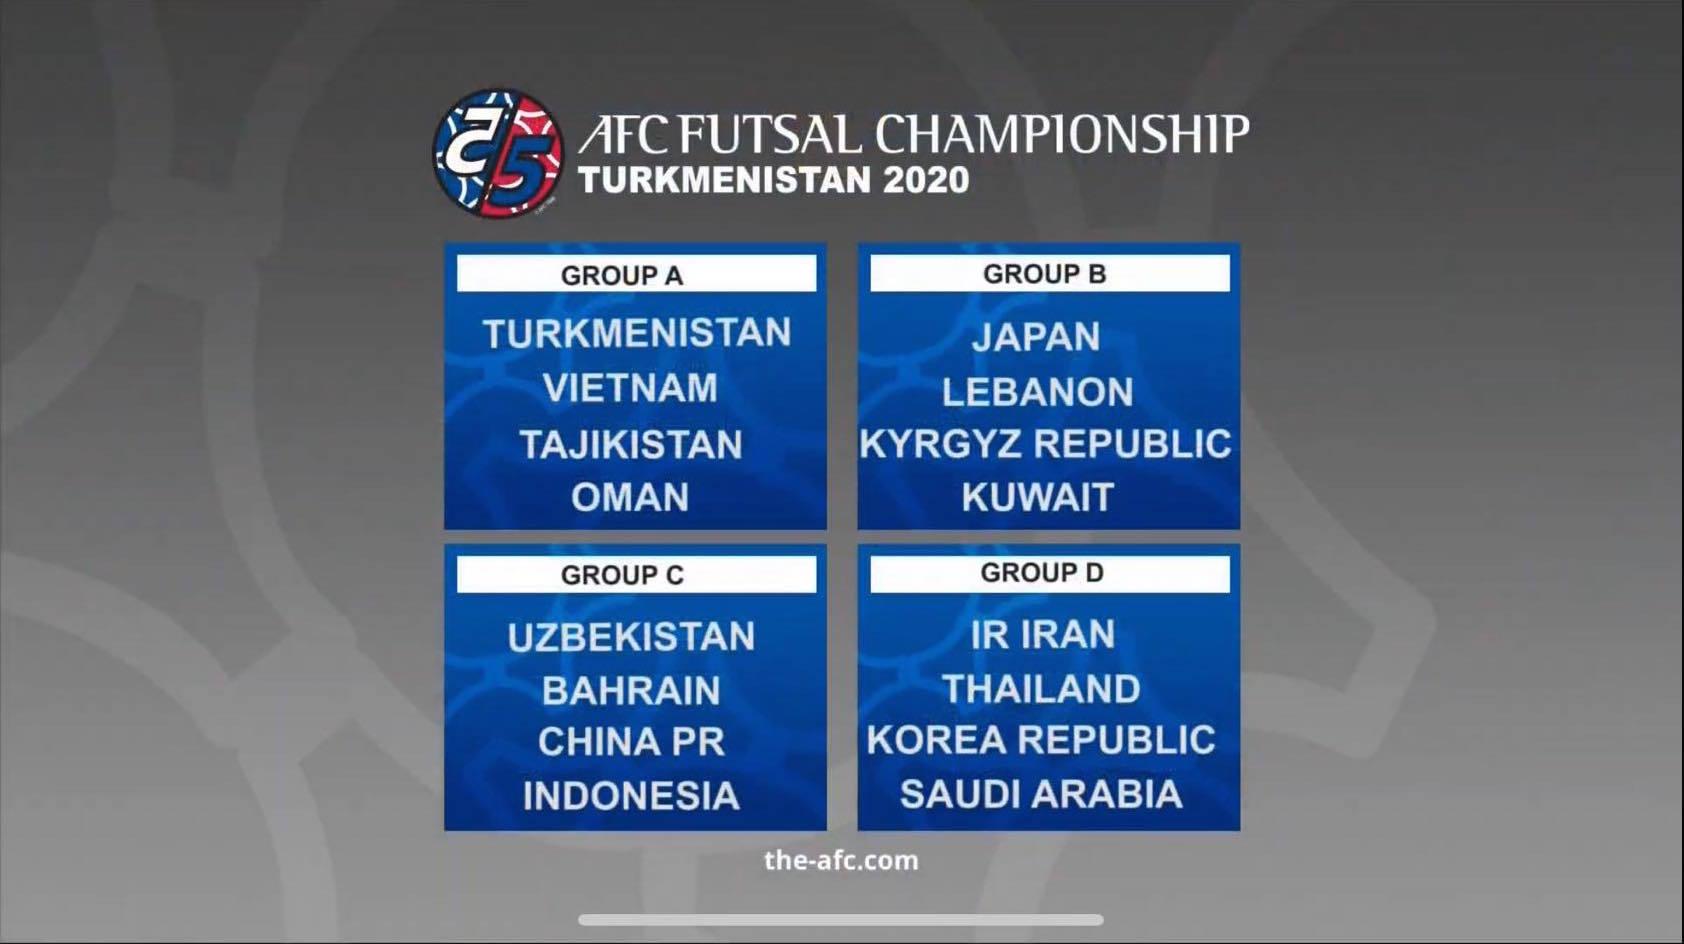 Lịch thi đấu của ĐT Futsal Việt Nam tại VCK Futsal châu Á 2020